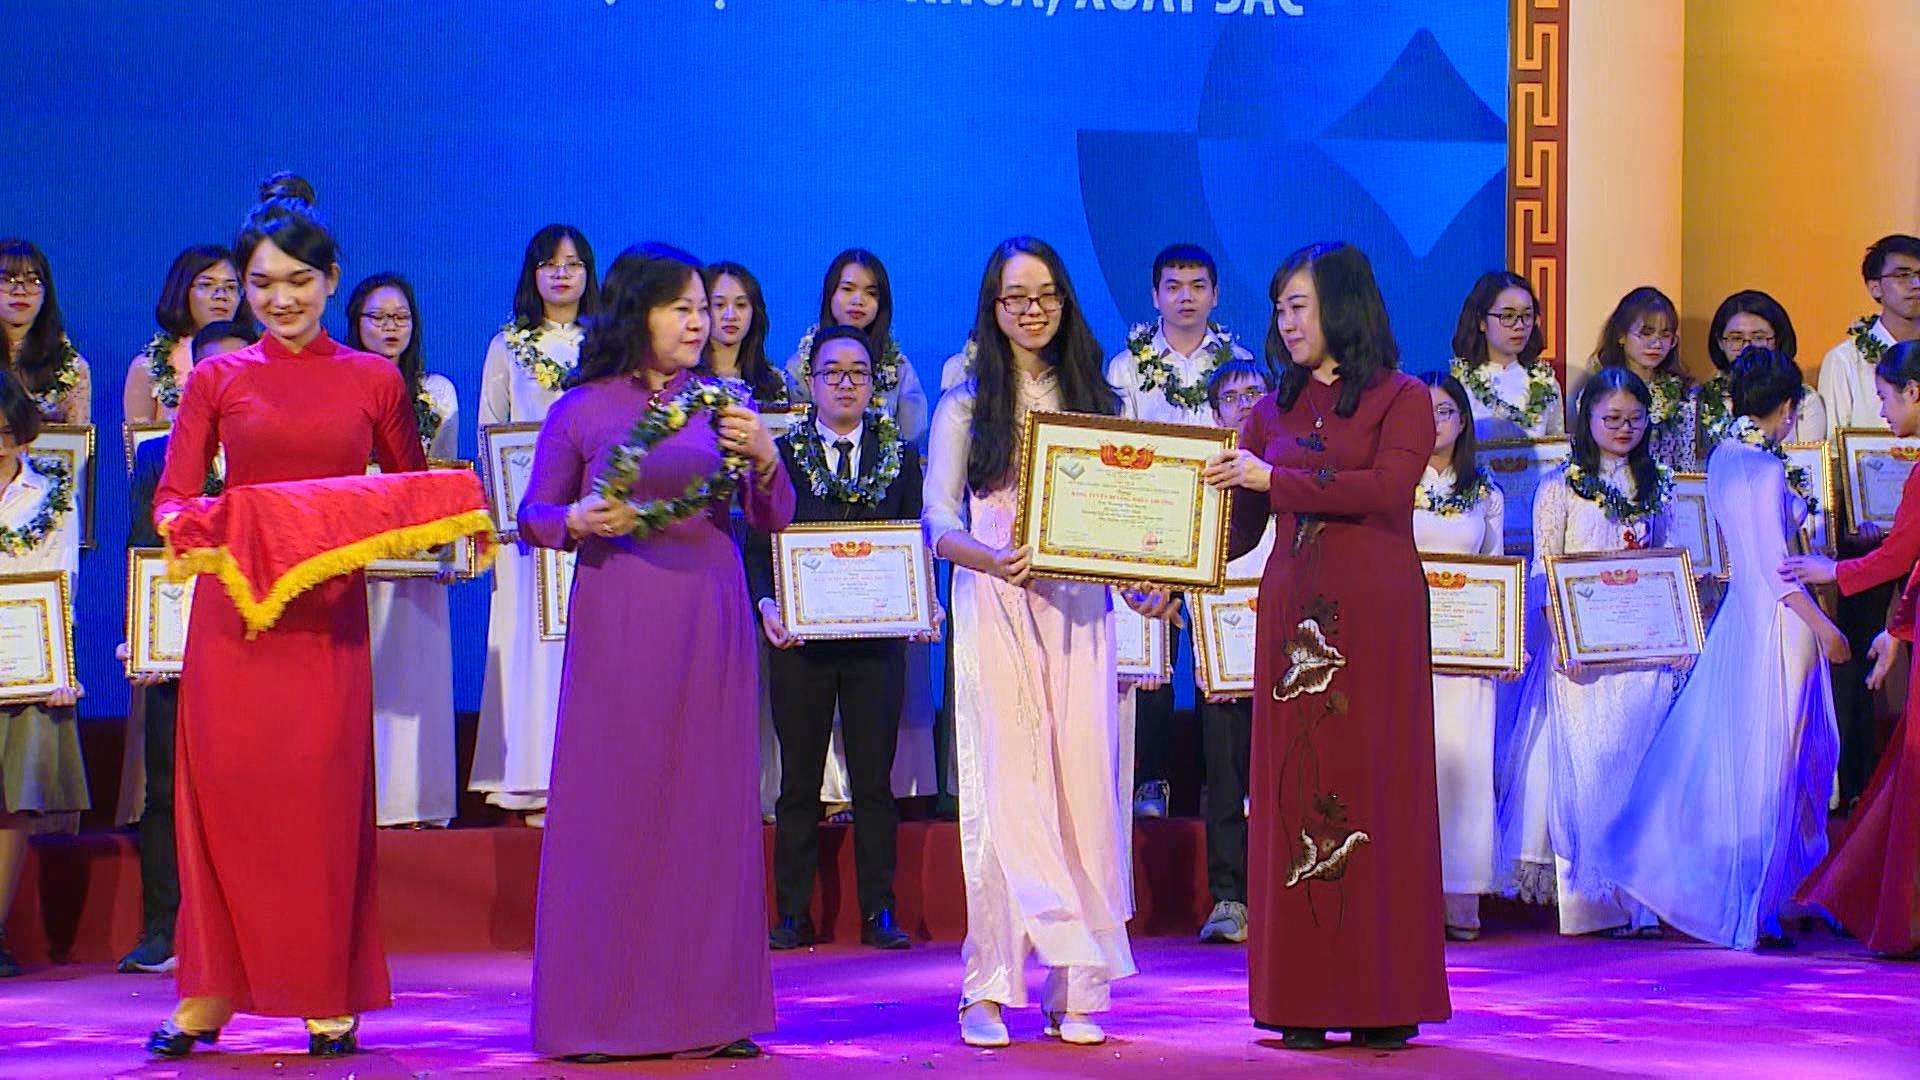 Chắp cánh ước mơ - Bắc Ninh với khuyến học khuyến tài phần 3